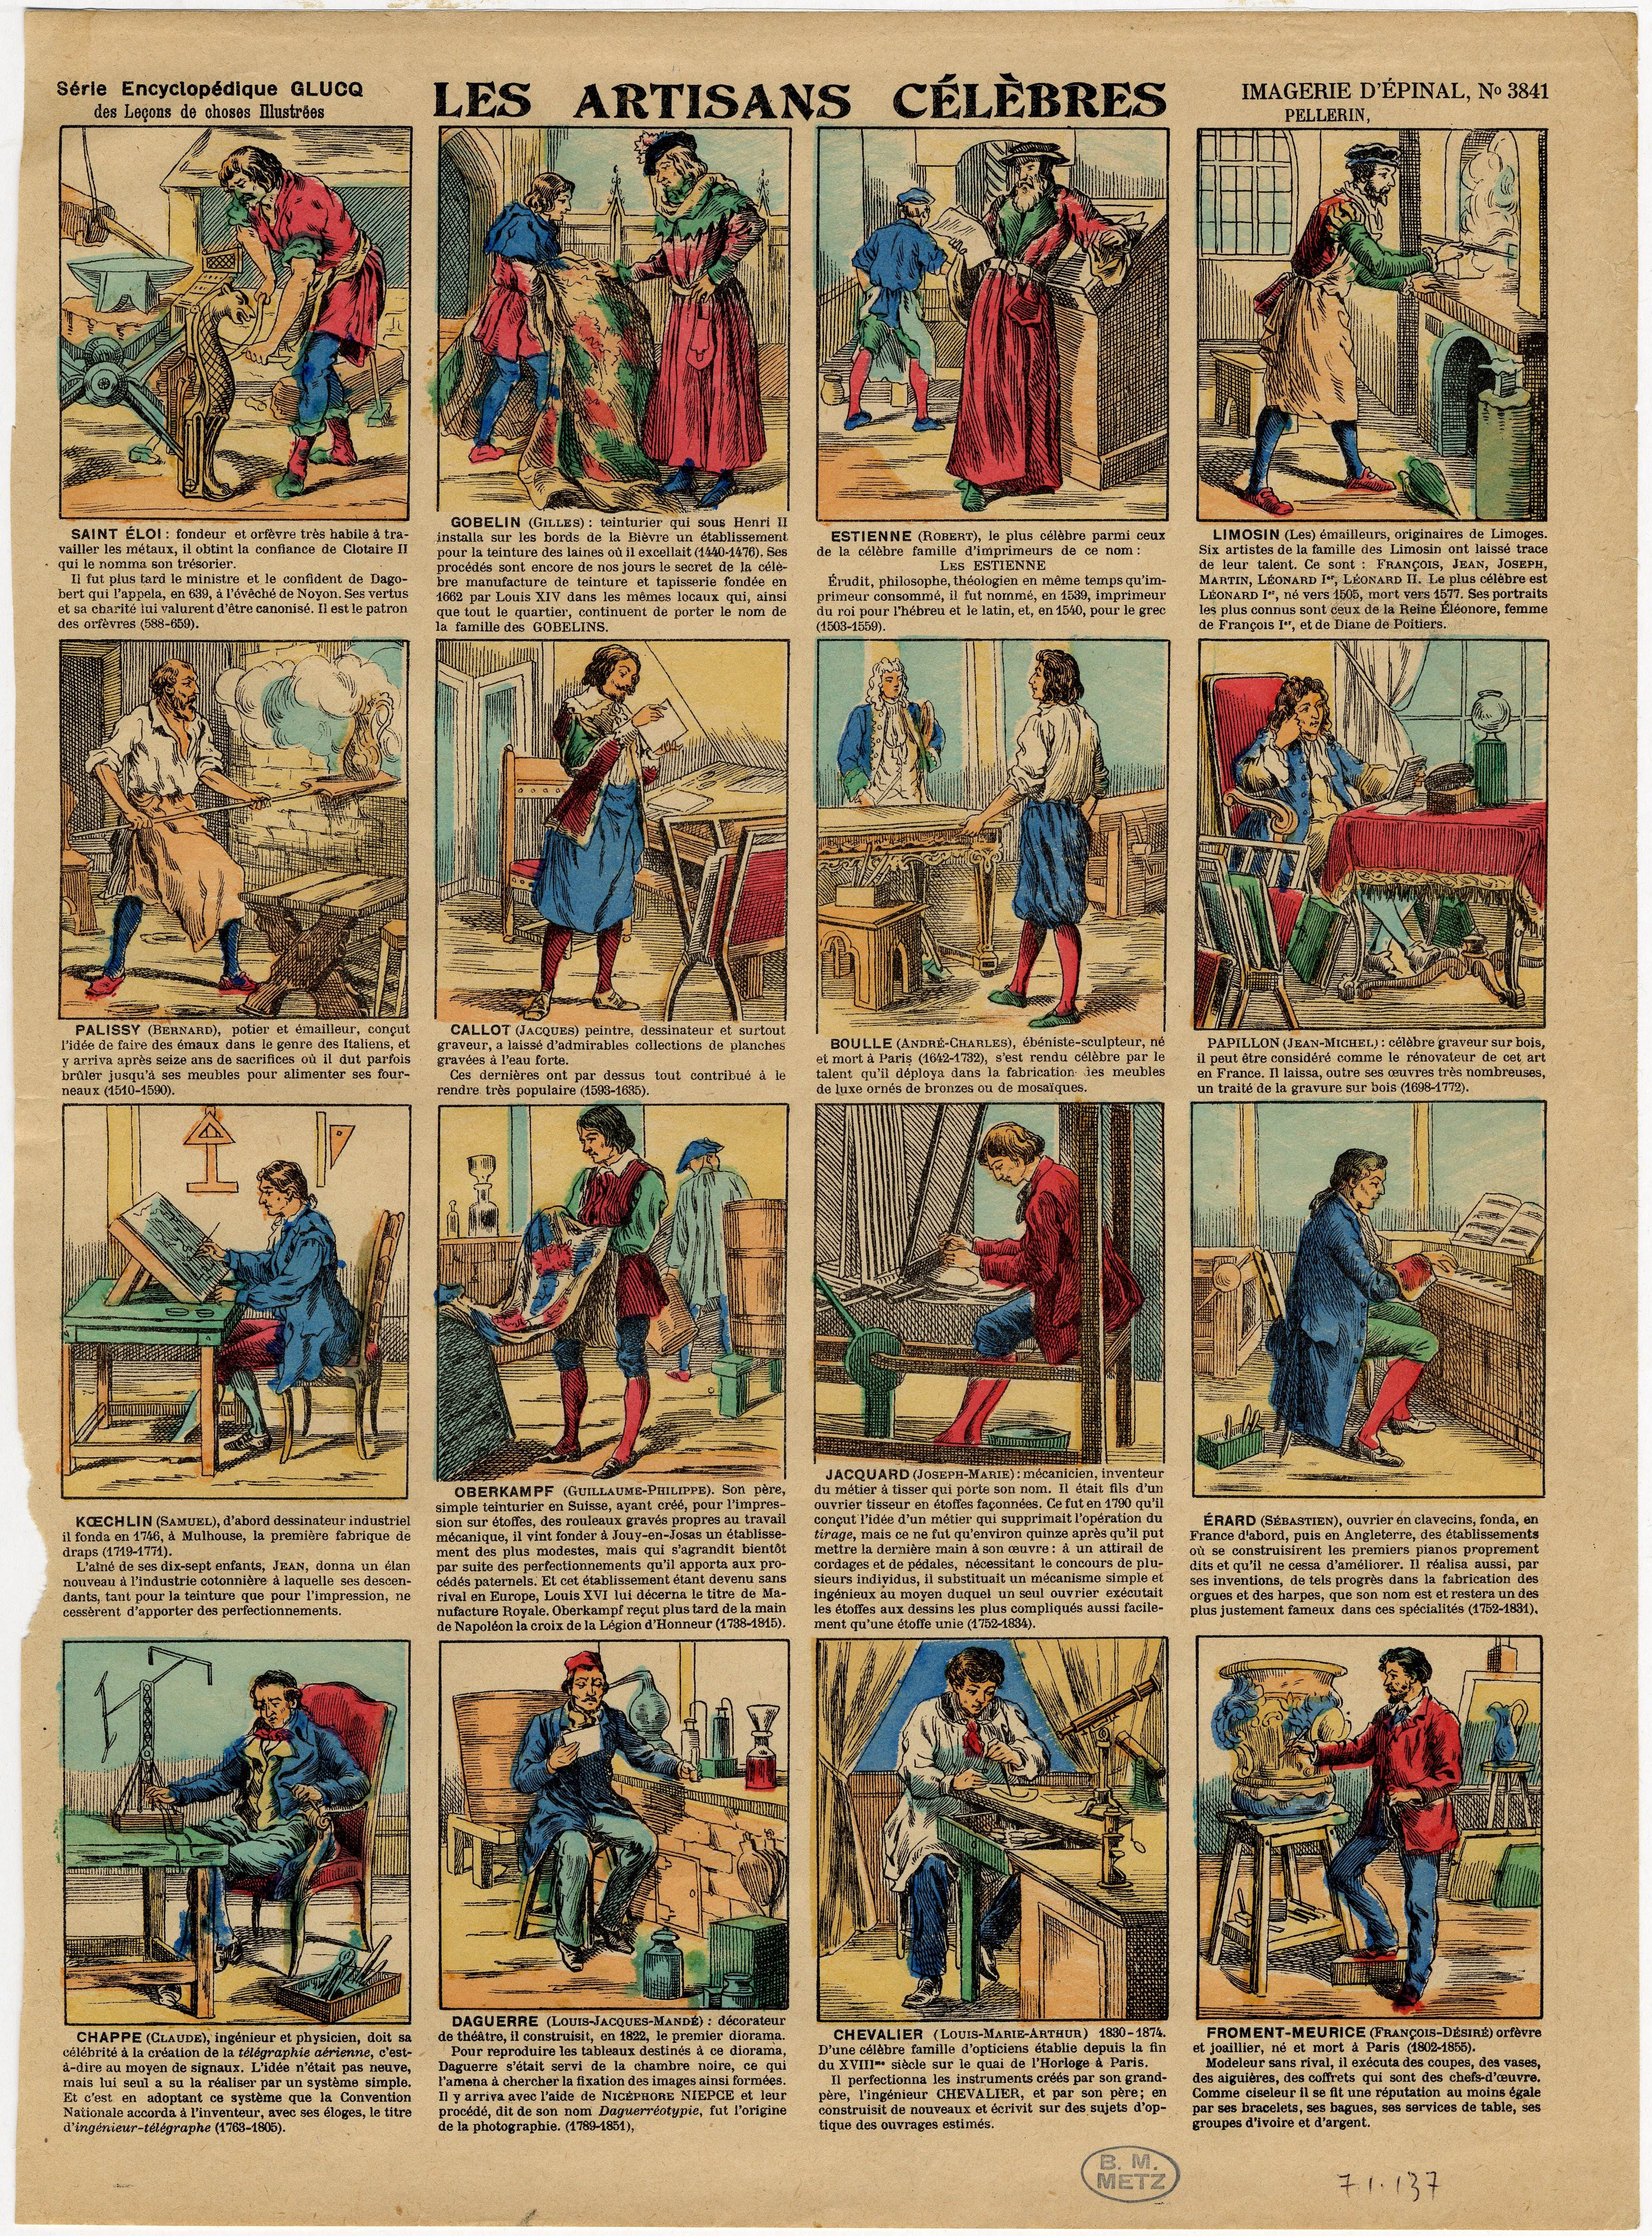 Contenu du Les artisans célèbres